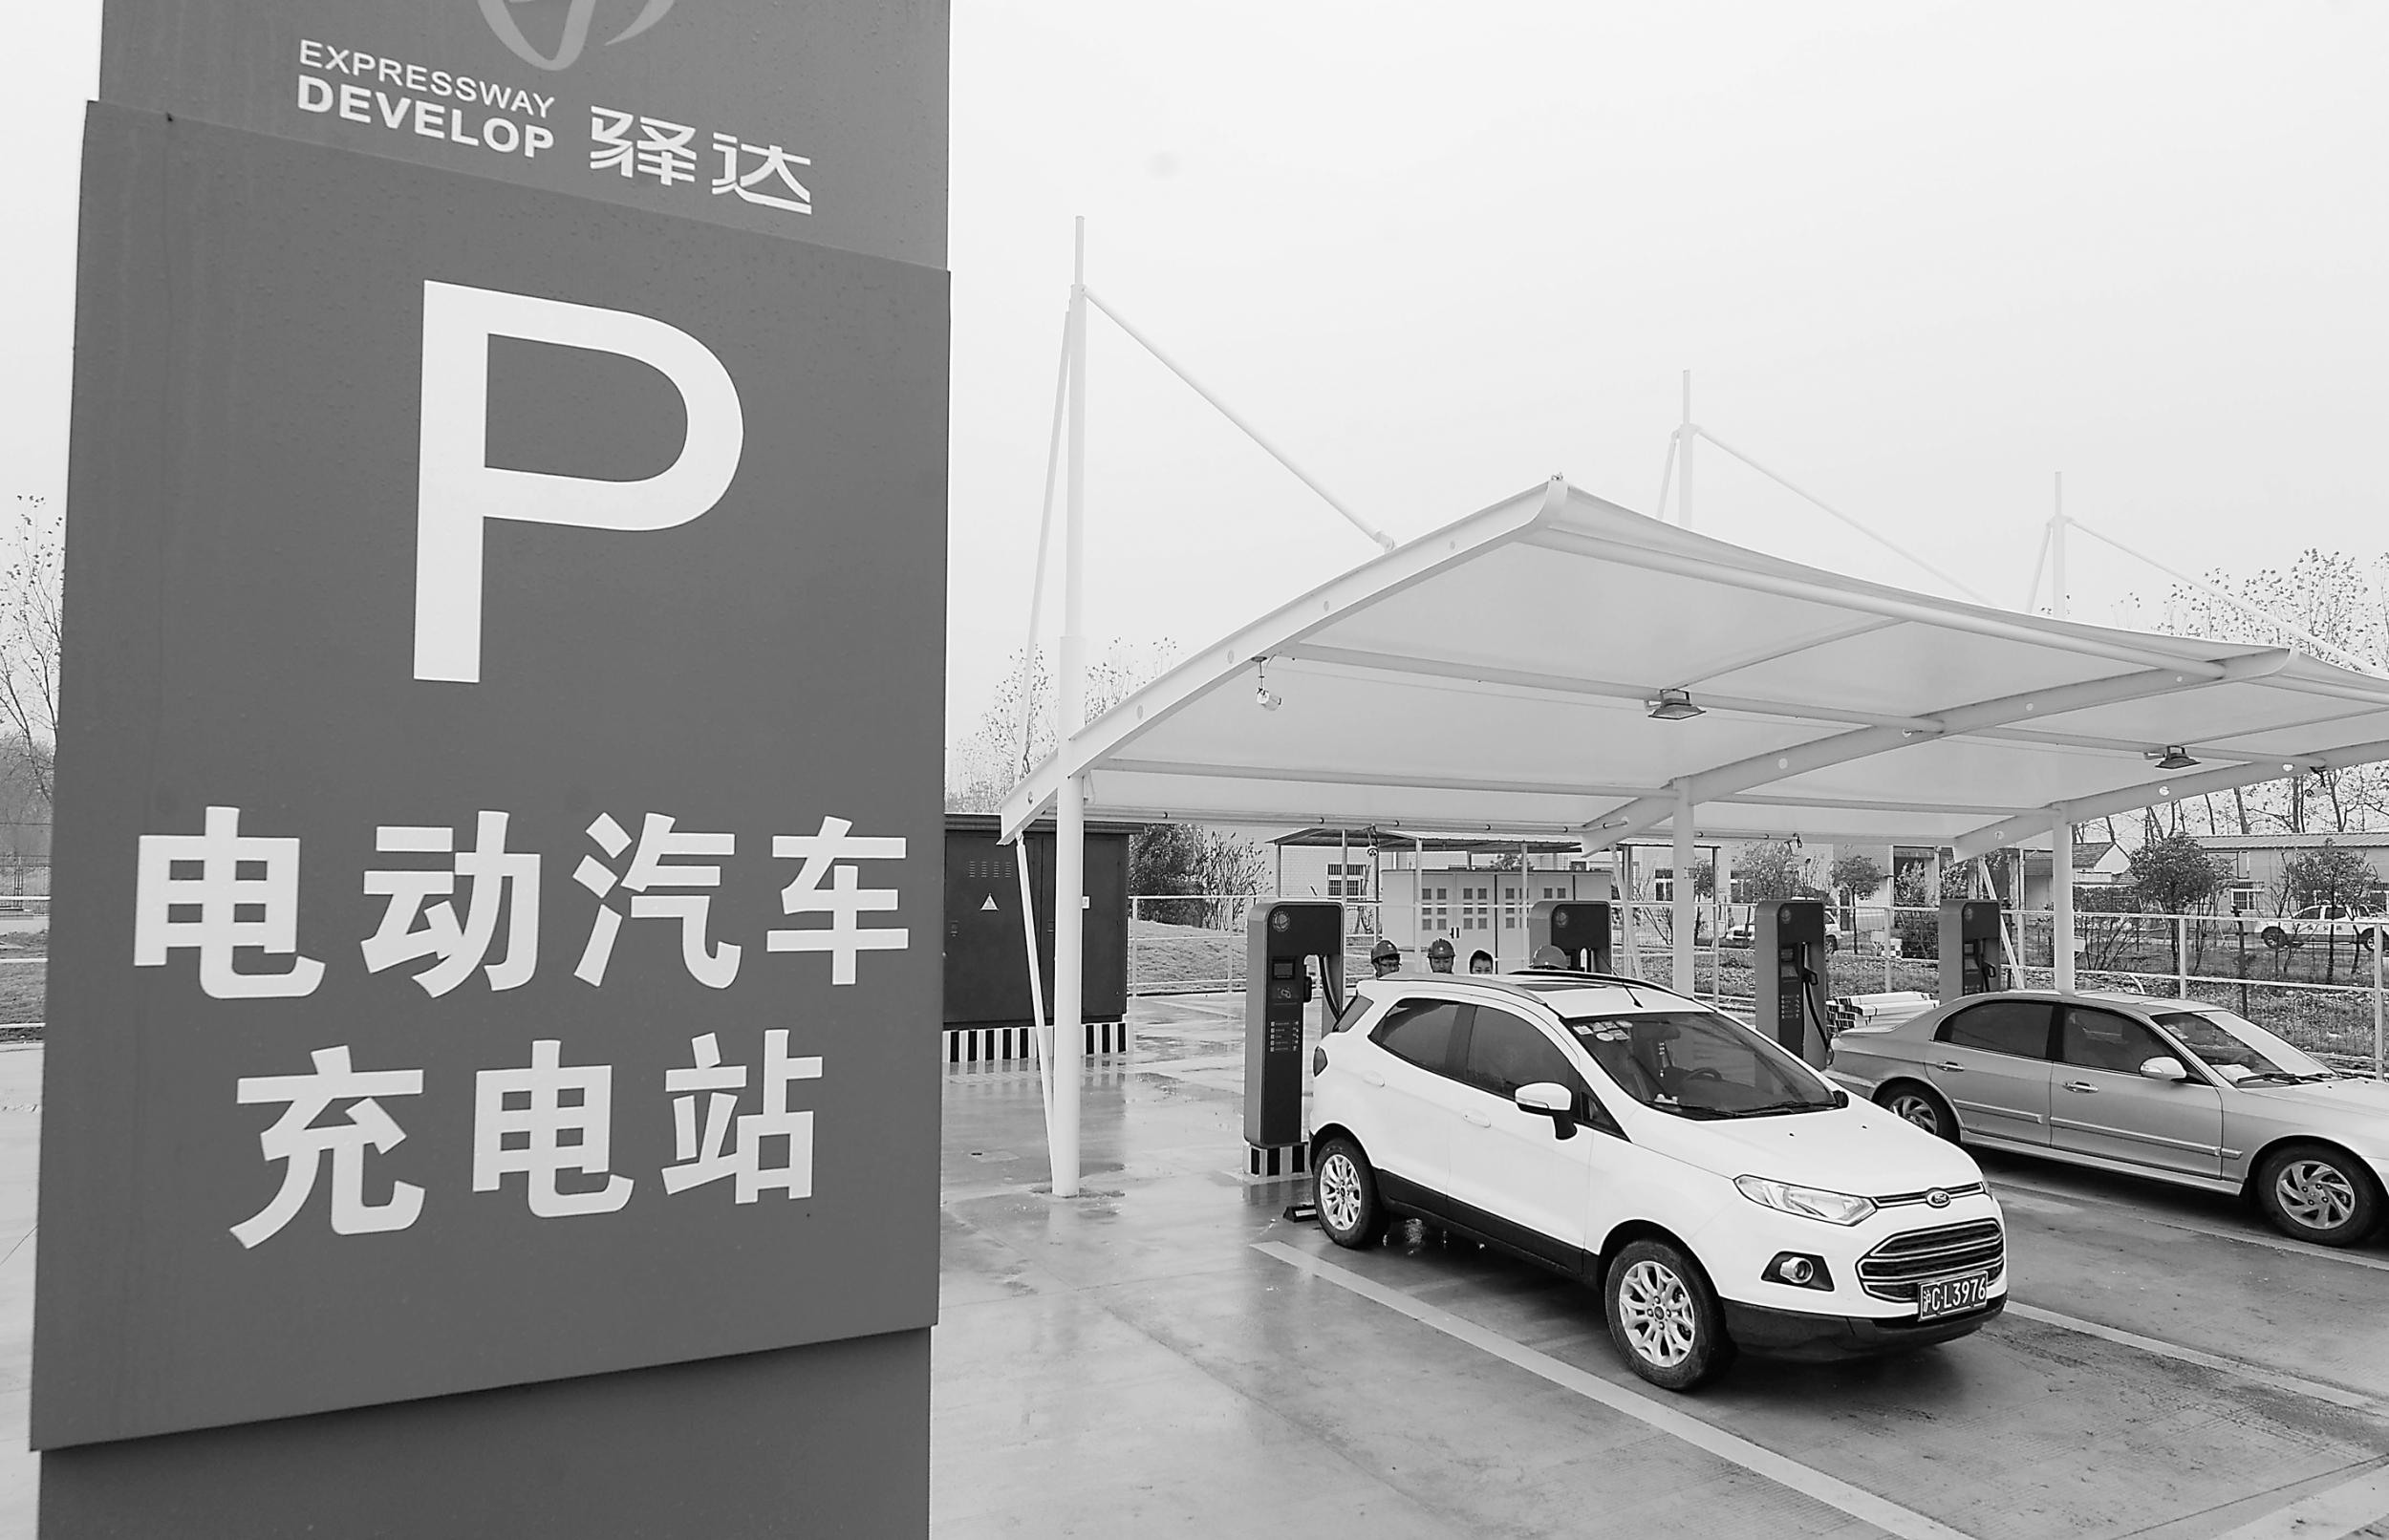 年内上海市区及高速路充电将全覆盖 新增充电桩4000个